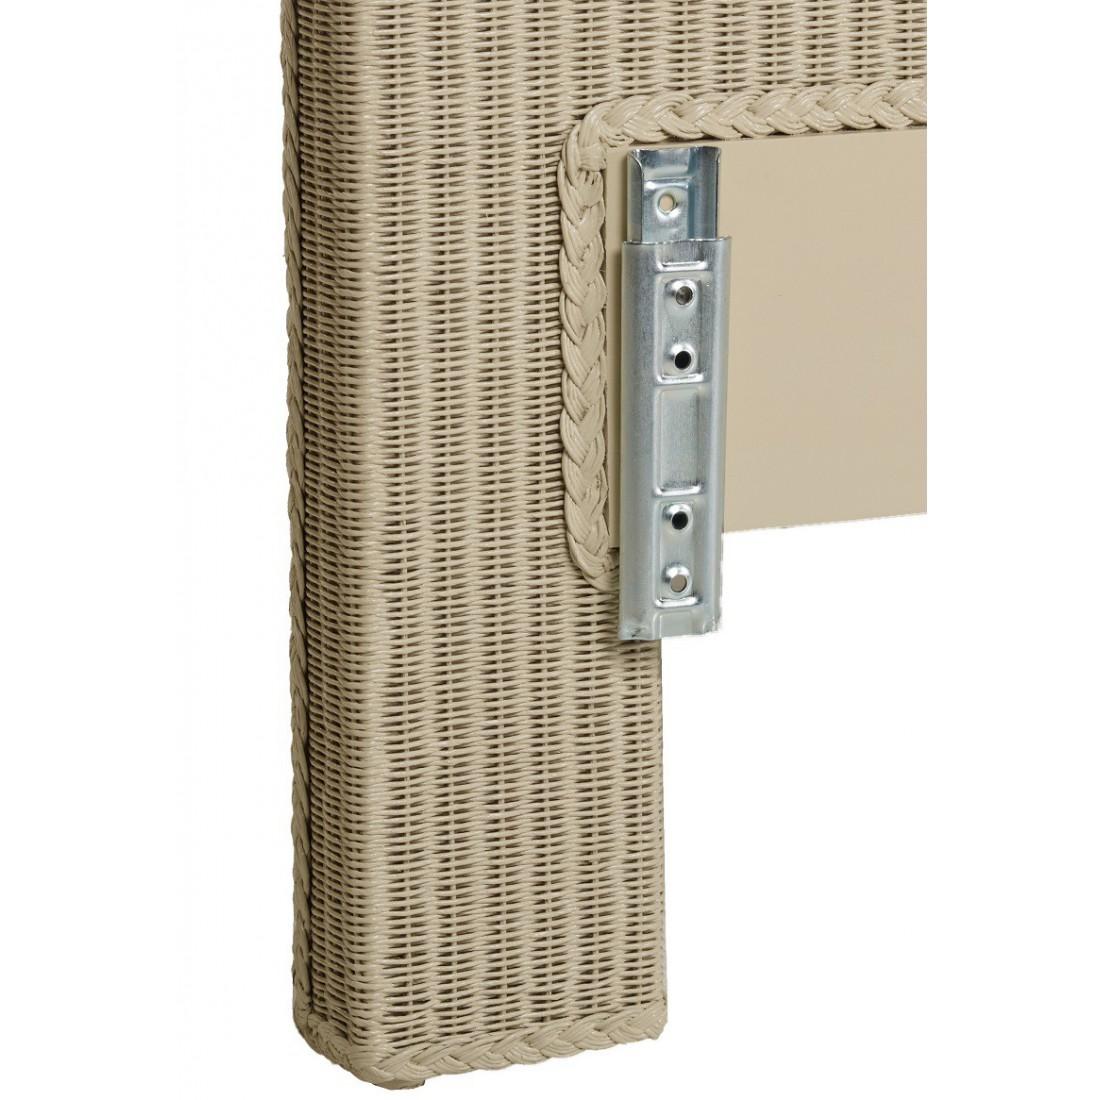 tete de lit sans fixation maison design. Black Bedroom Furniture Sets. Home Design Ideas